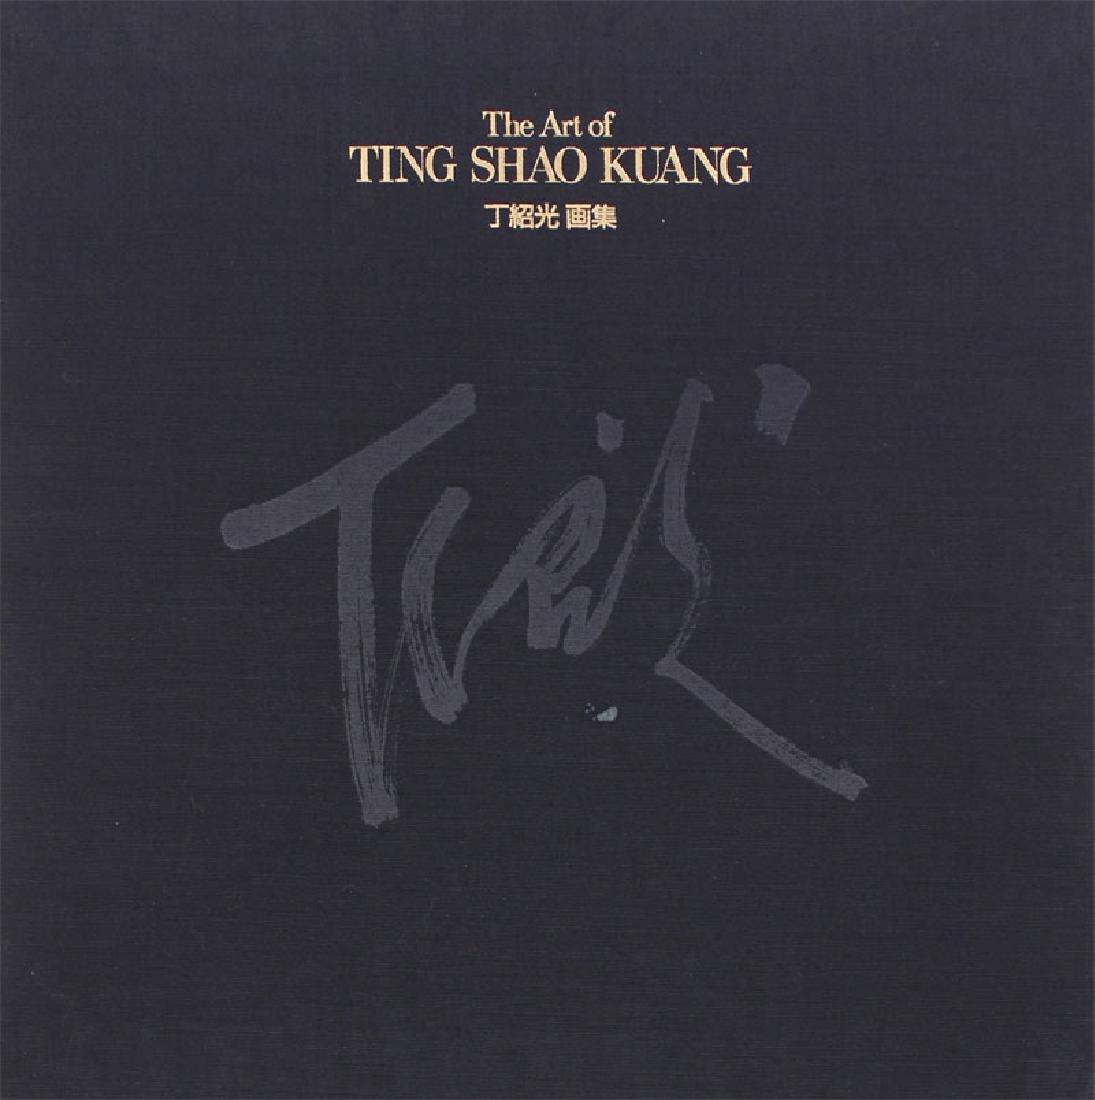 Ting Shao Kuang (b. 1939) Chinese - 4